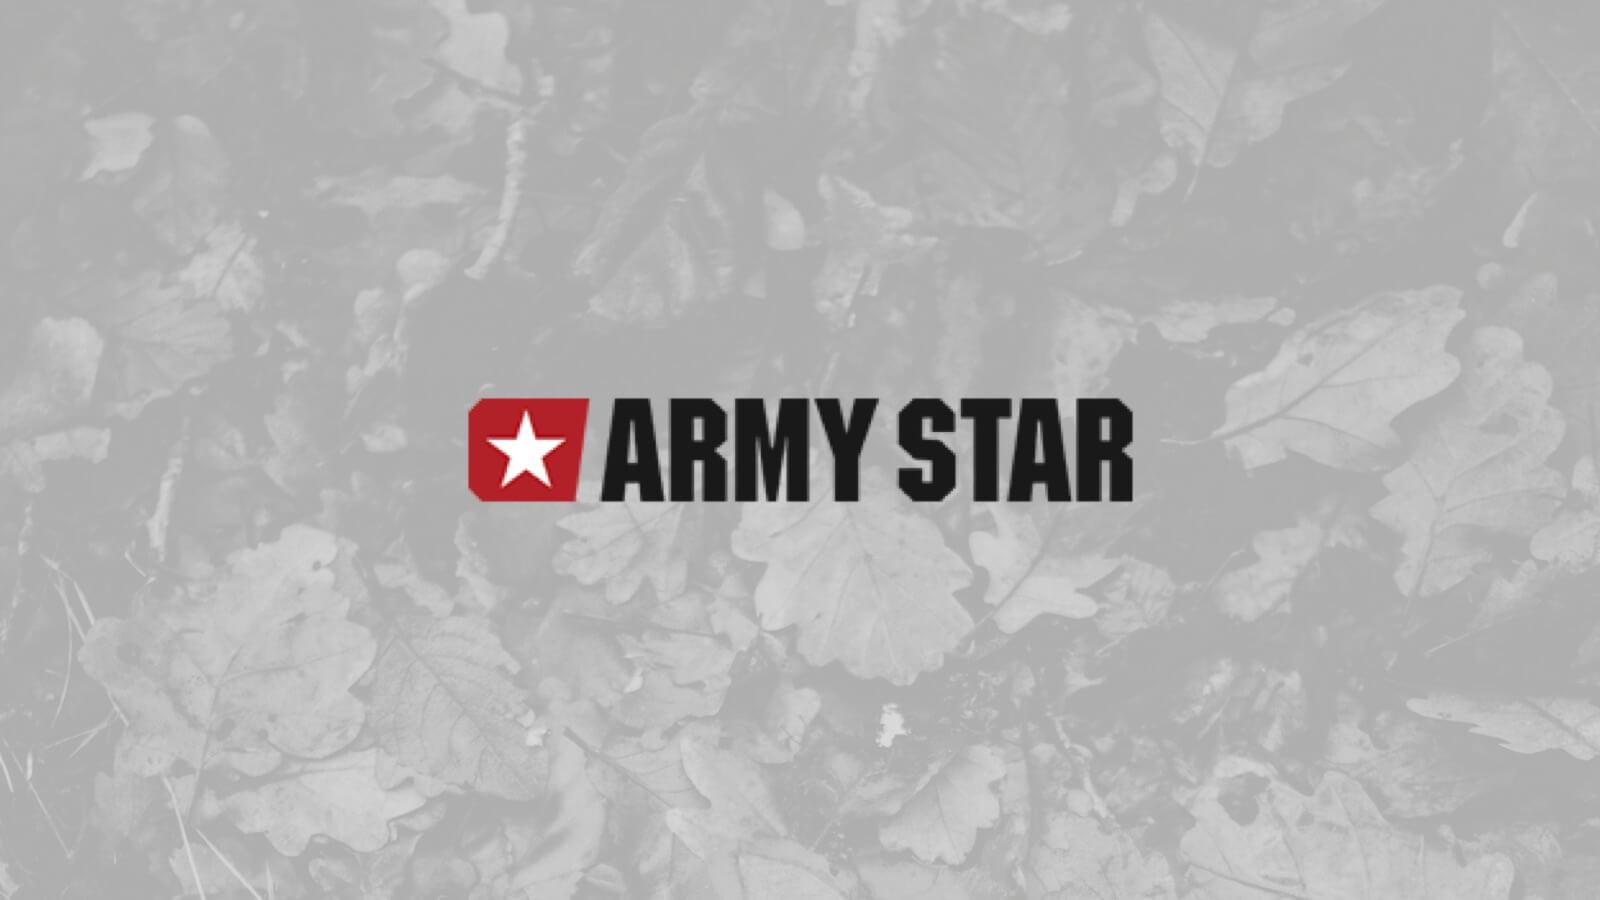 Army Star